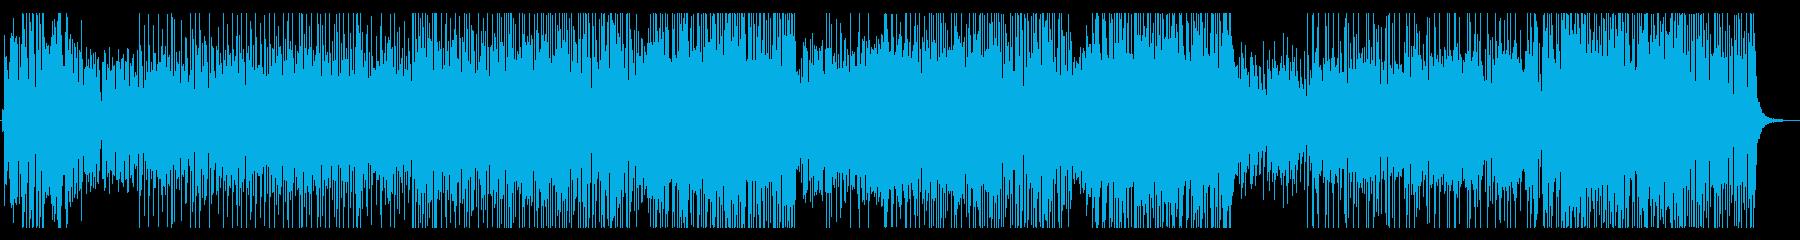 ピアノとドラムの疾走感のあるBGMの再生済みの波形